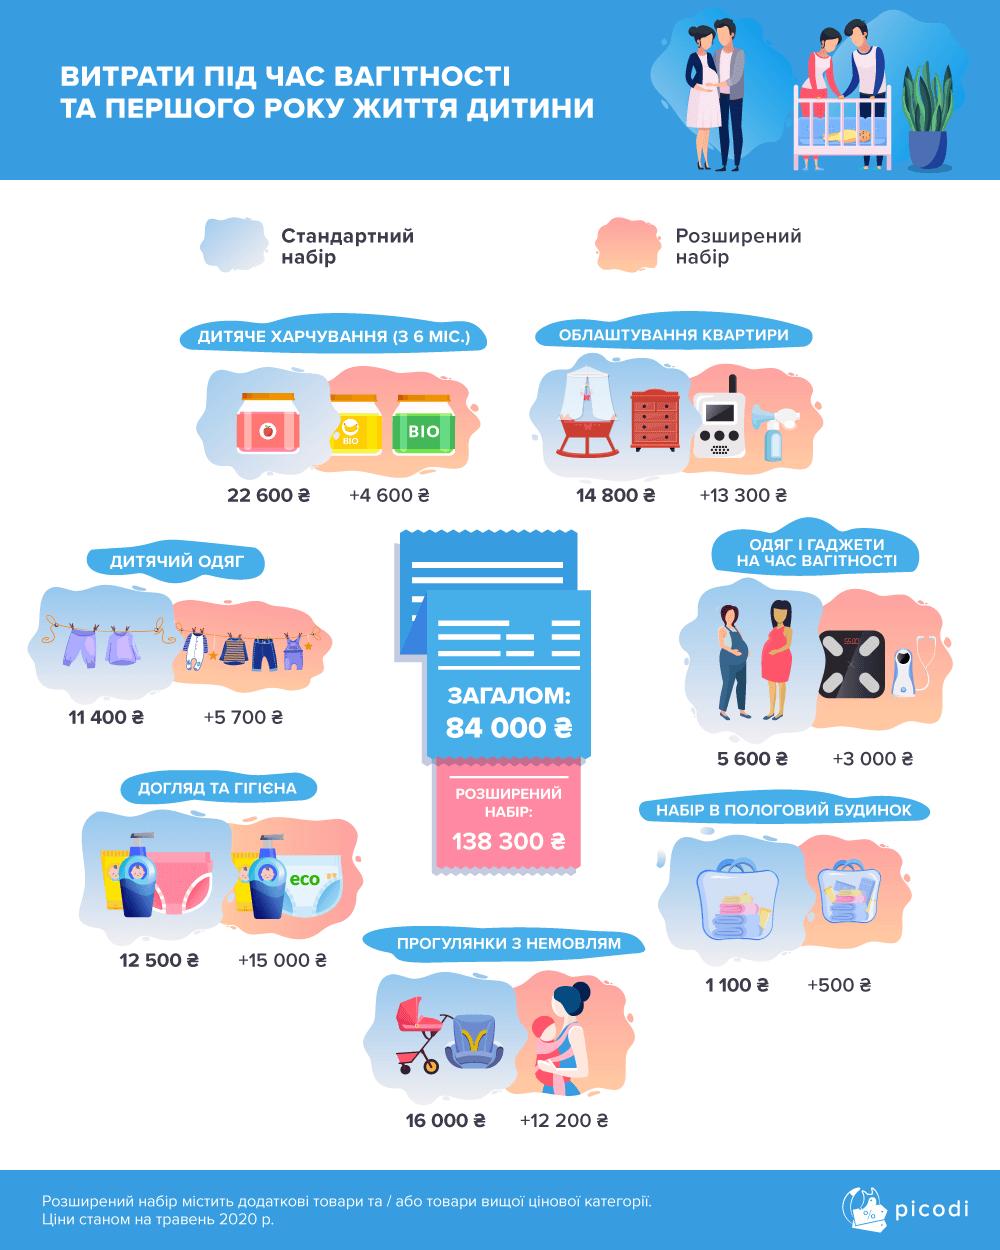 Рождение ребёнка: расходы во время беременности и 1 года жизни (инфографика)